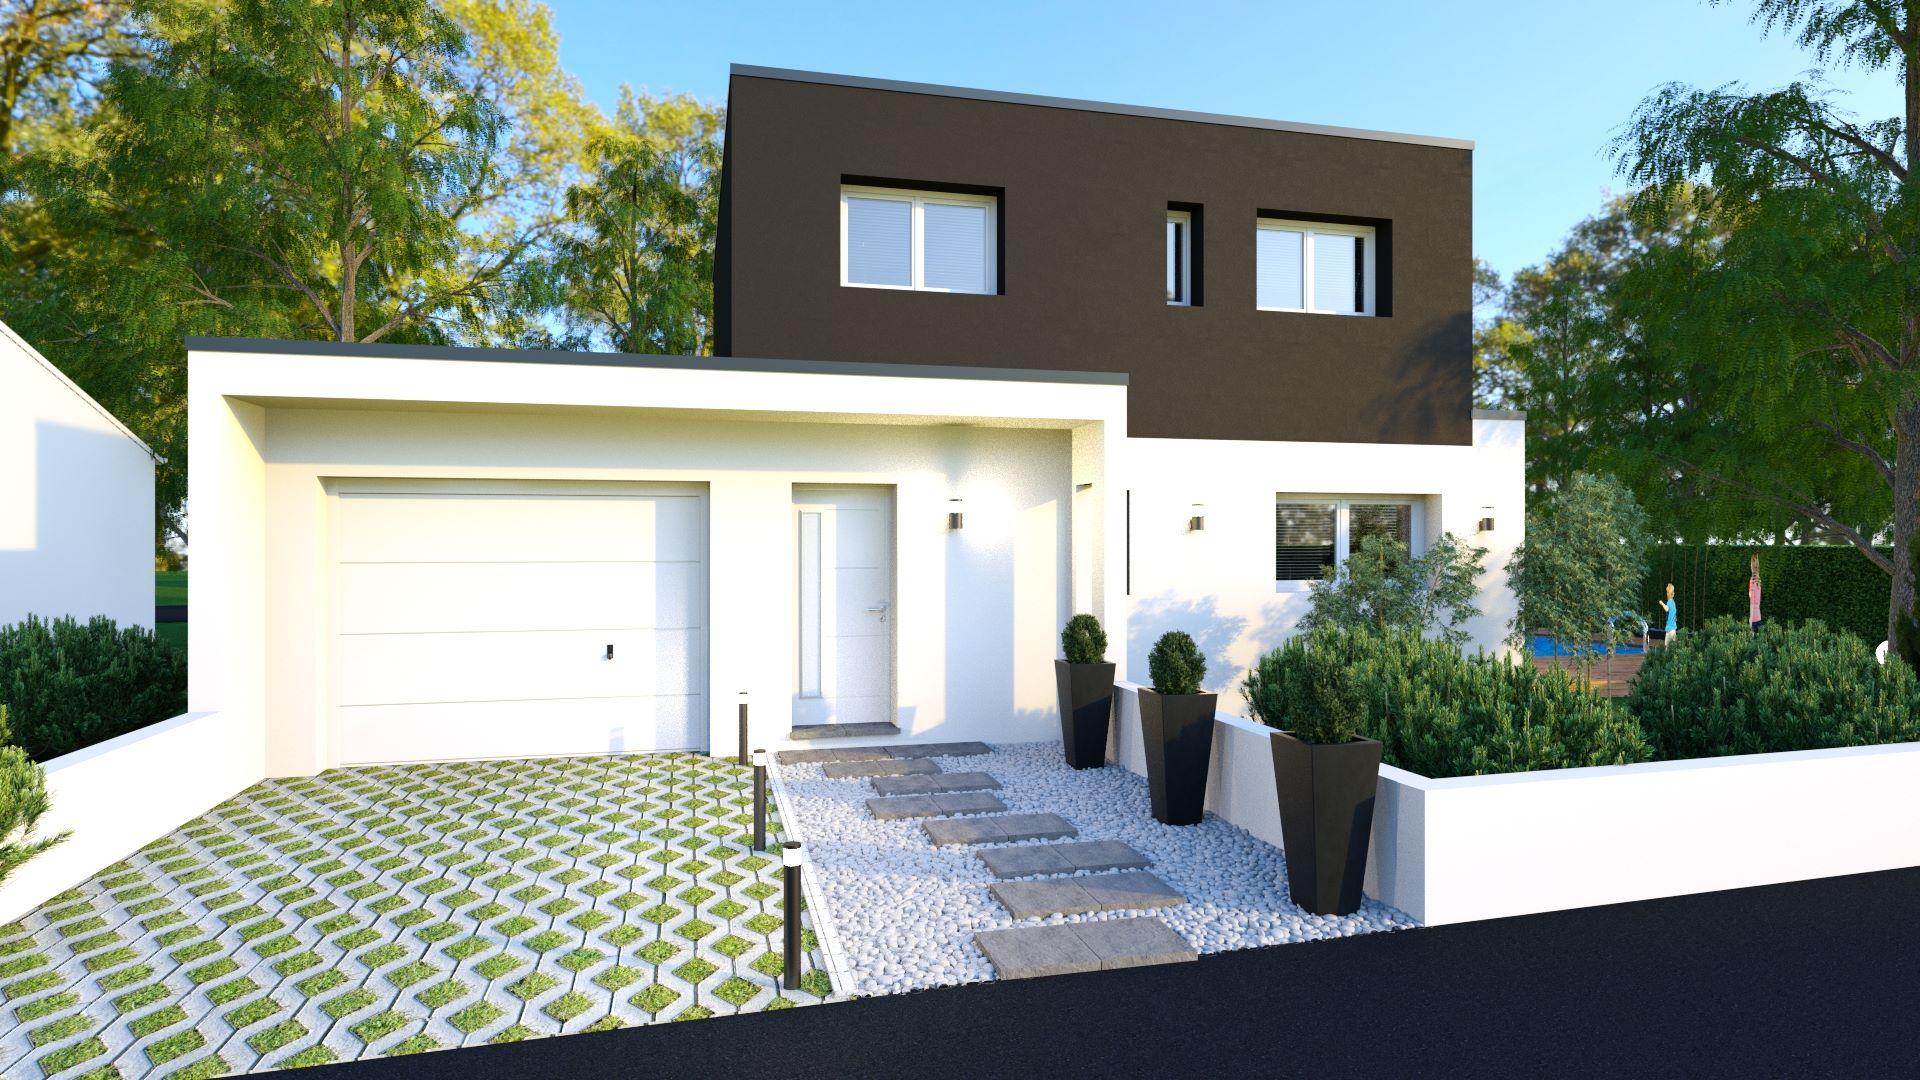 Maison toit plat avec garage for Maison design toit plat